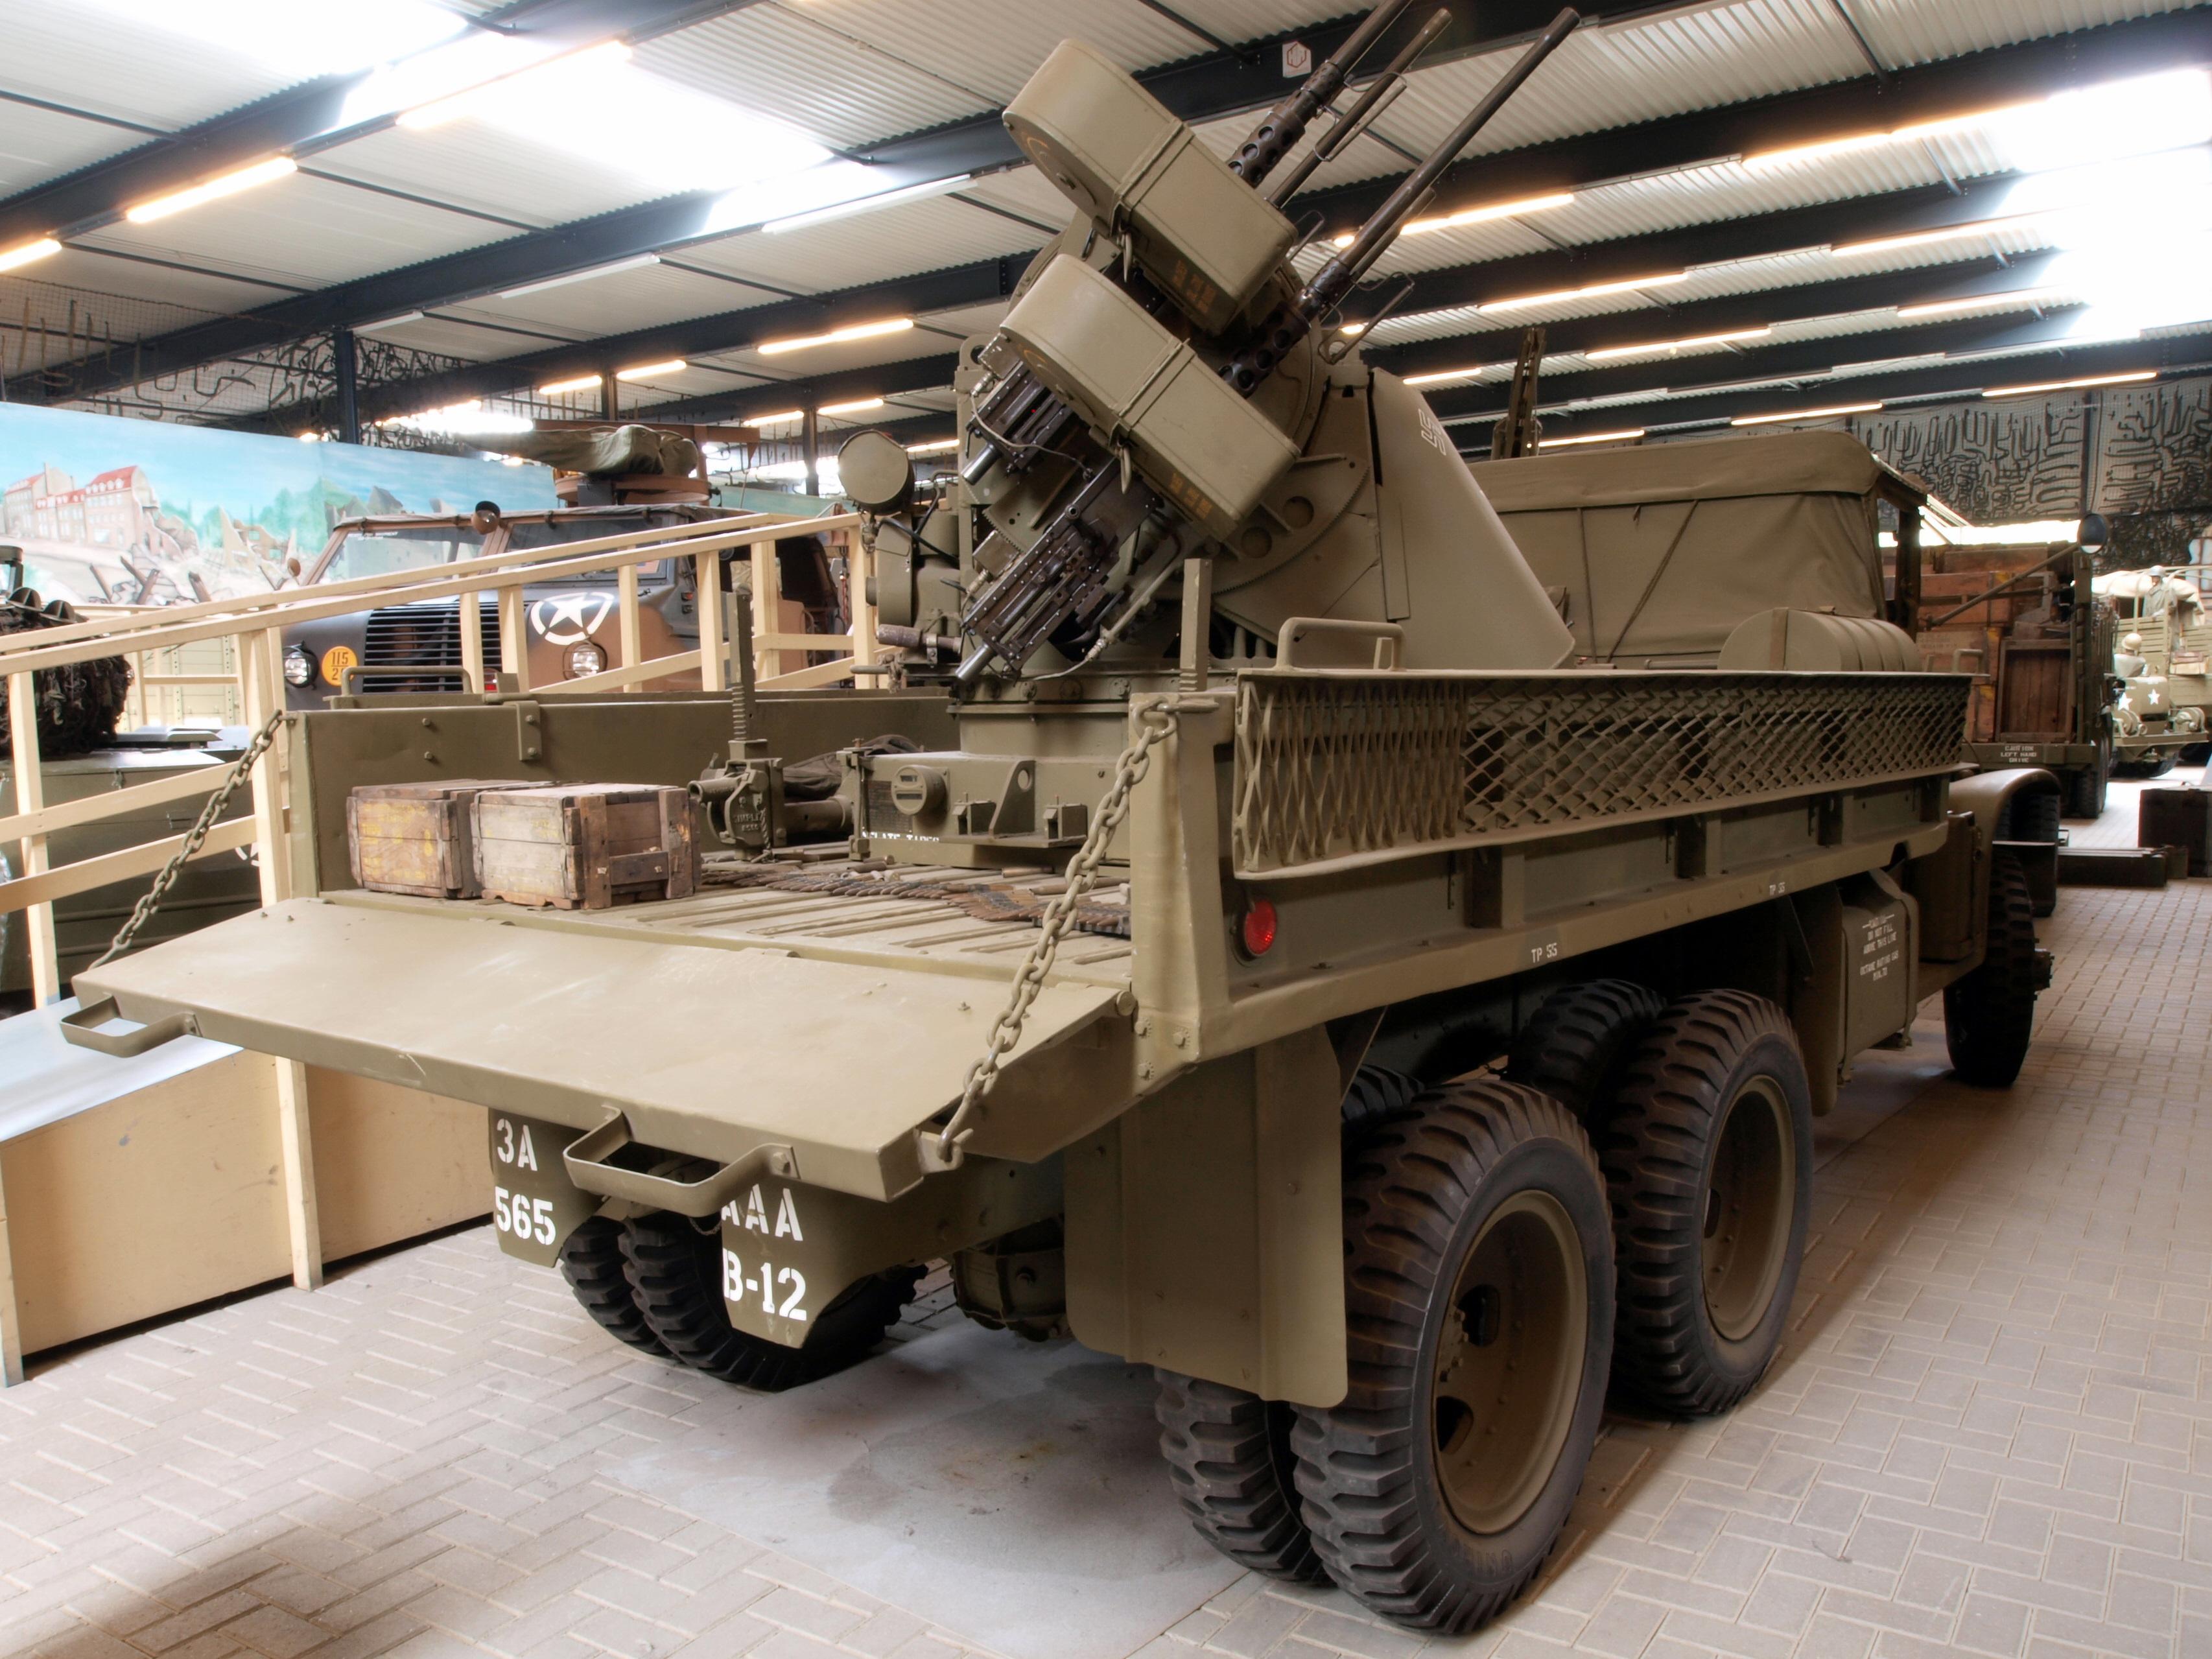 M35A2 Gun Truck - Quadmount 50.cal - Suggestions - War ...